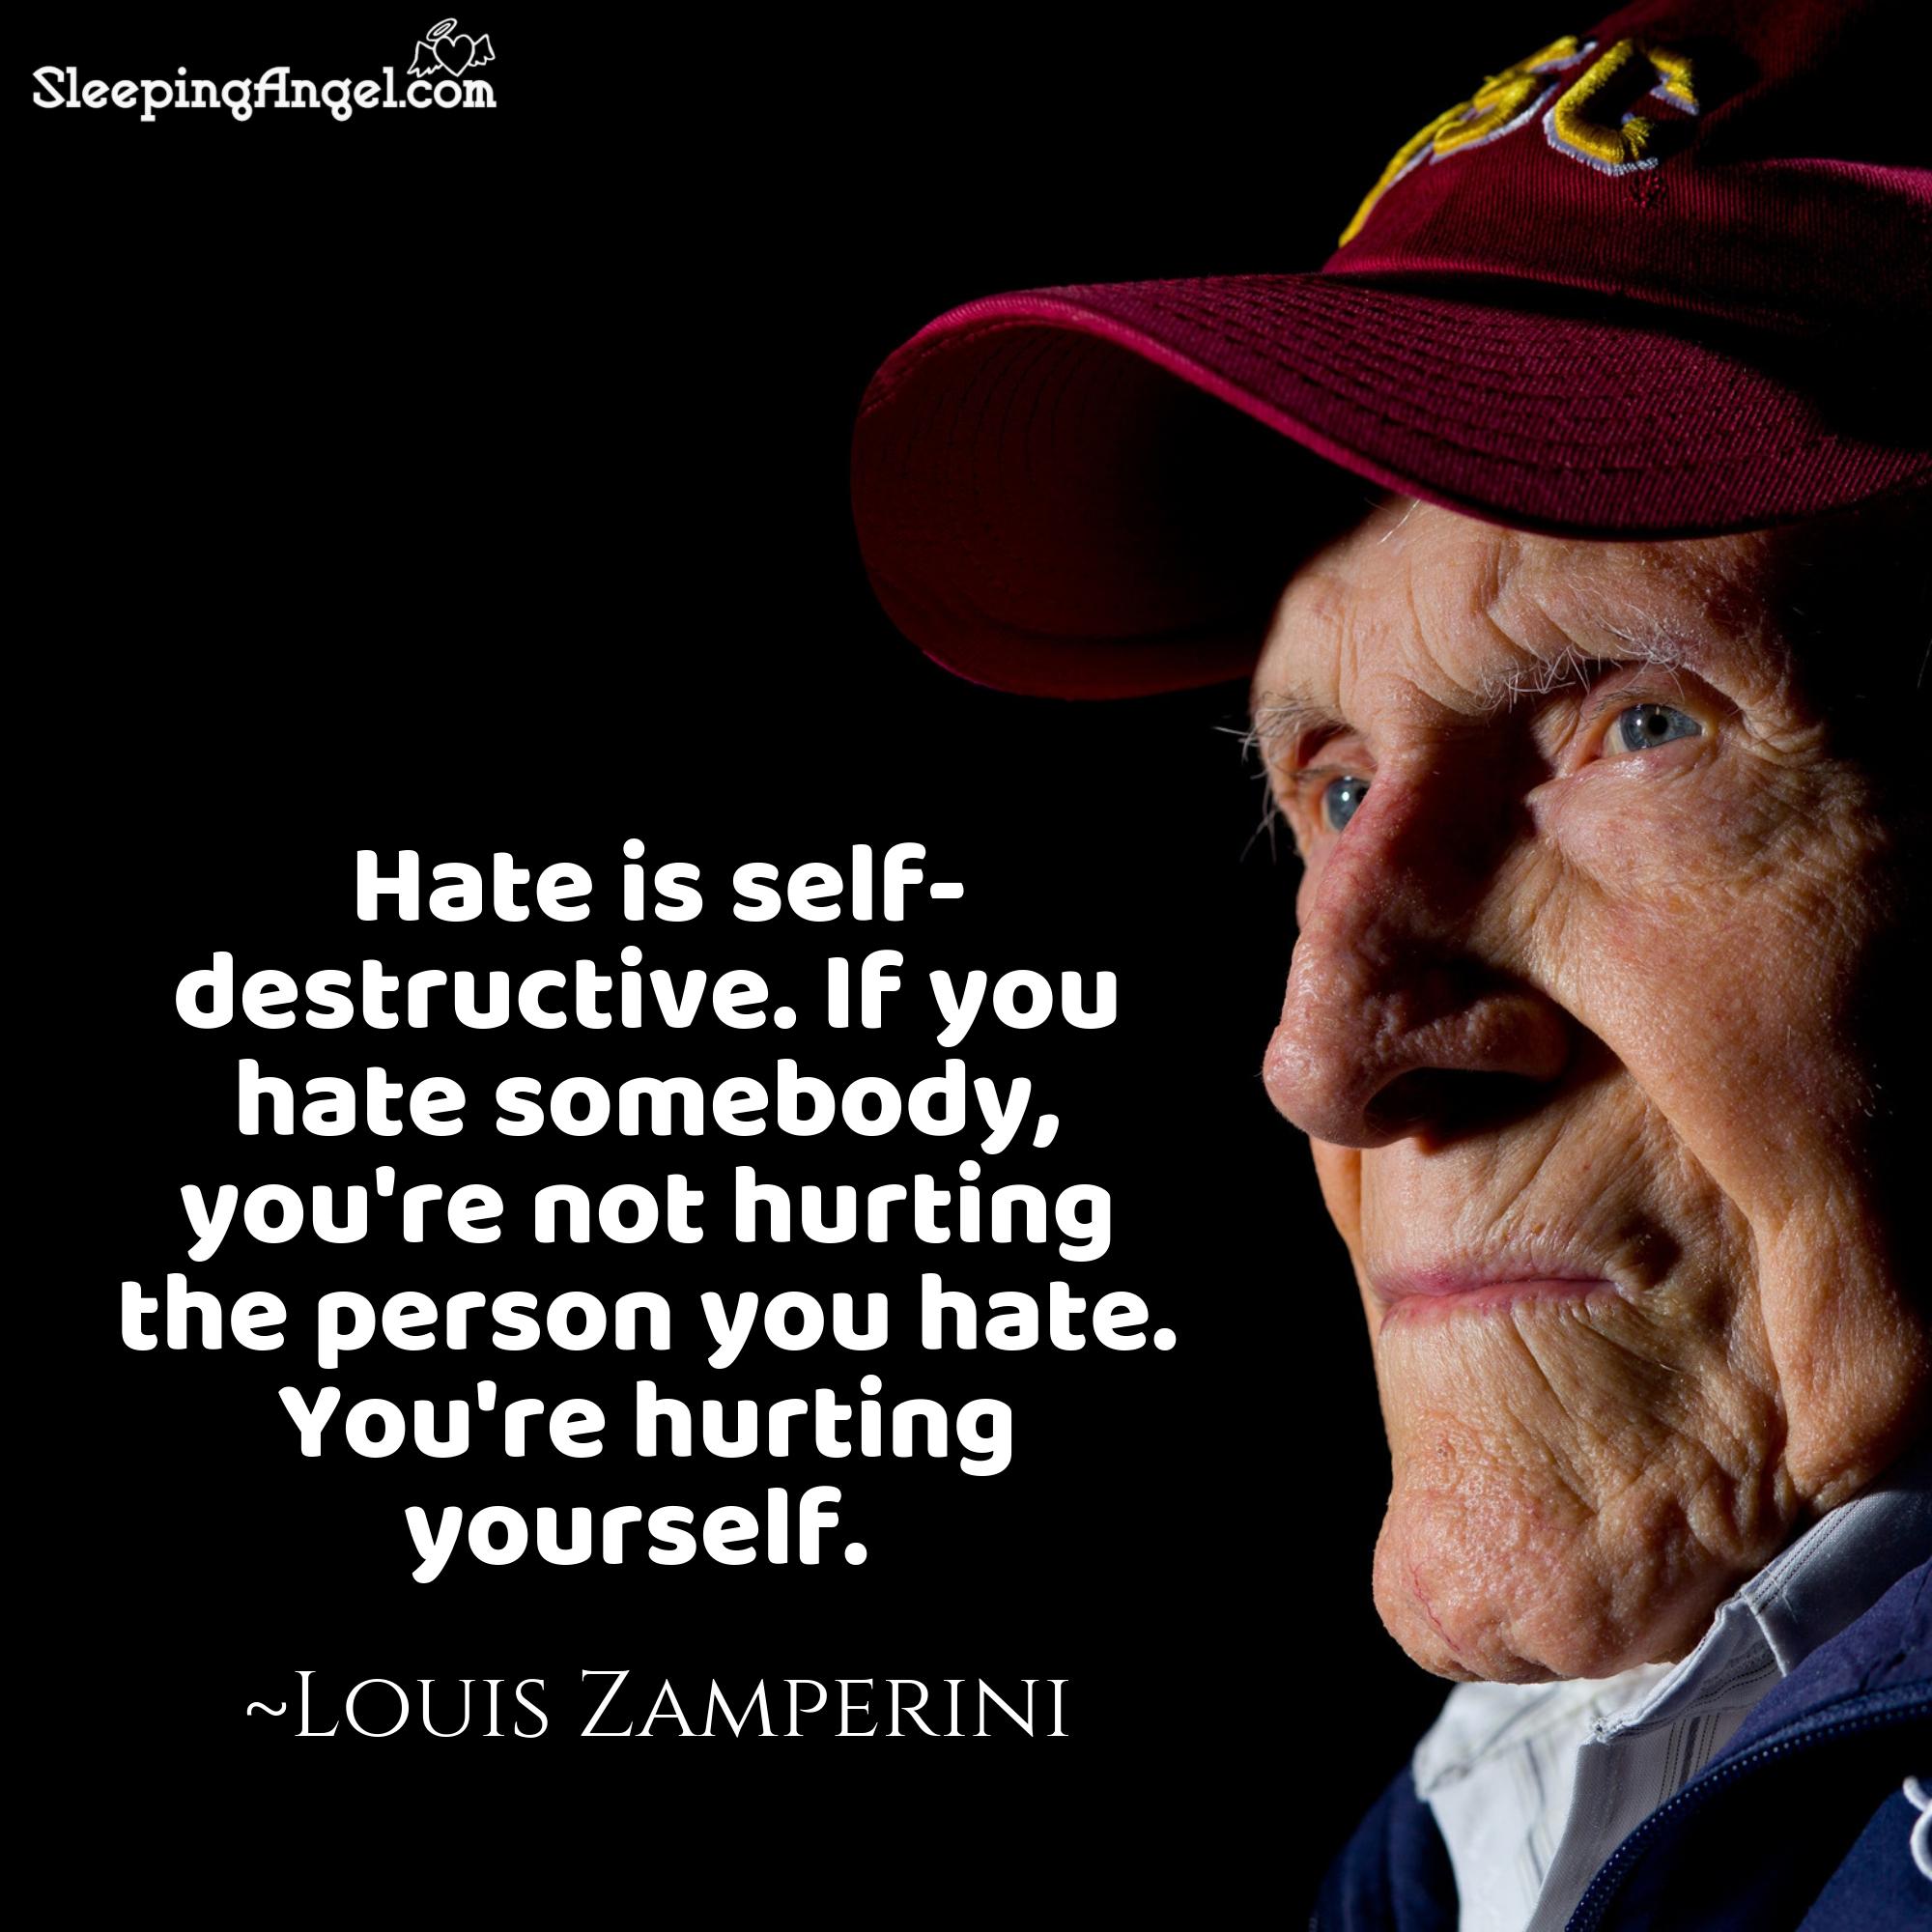 Louis Zamperini Quote